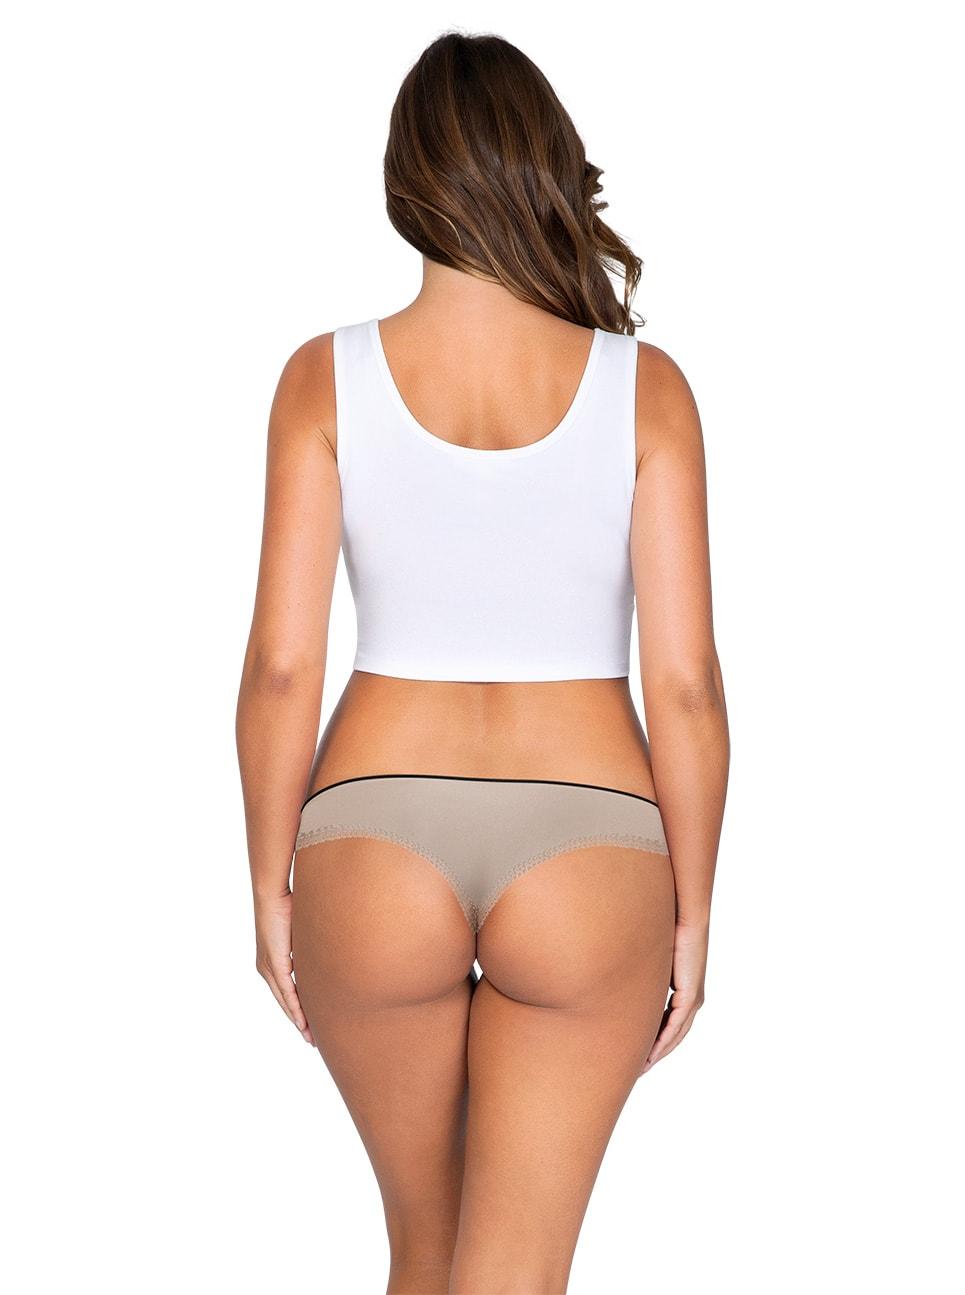 ParfaitPantyThong PP401 B NudeBack - Panty So Lovely Thong European Nude PP401